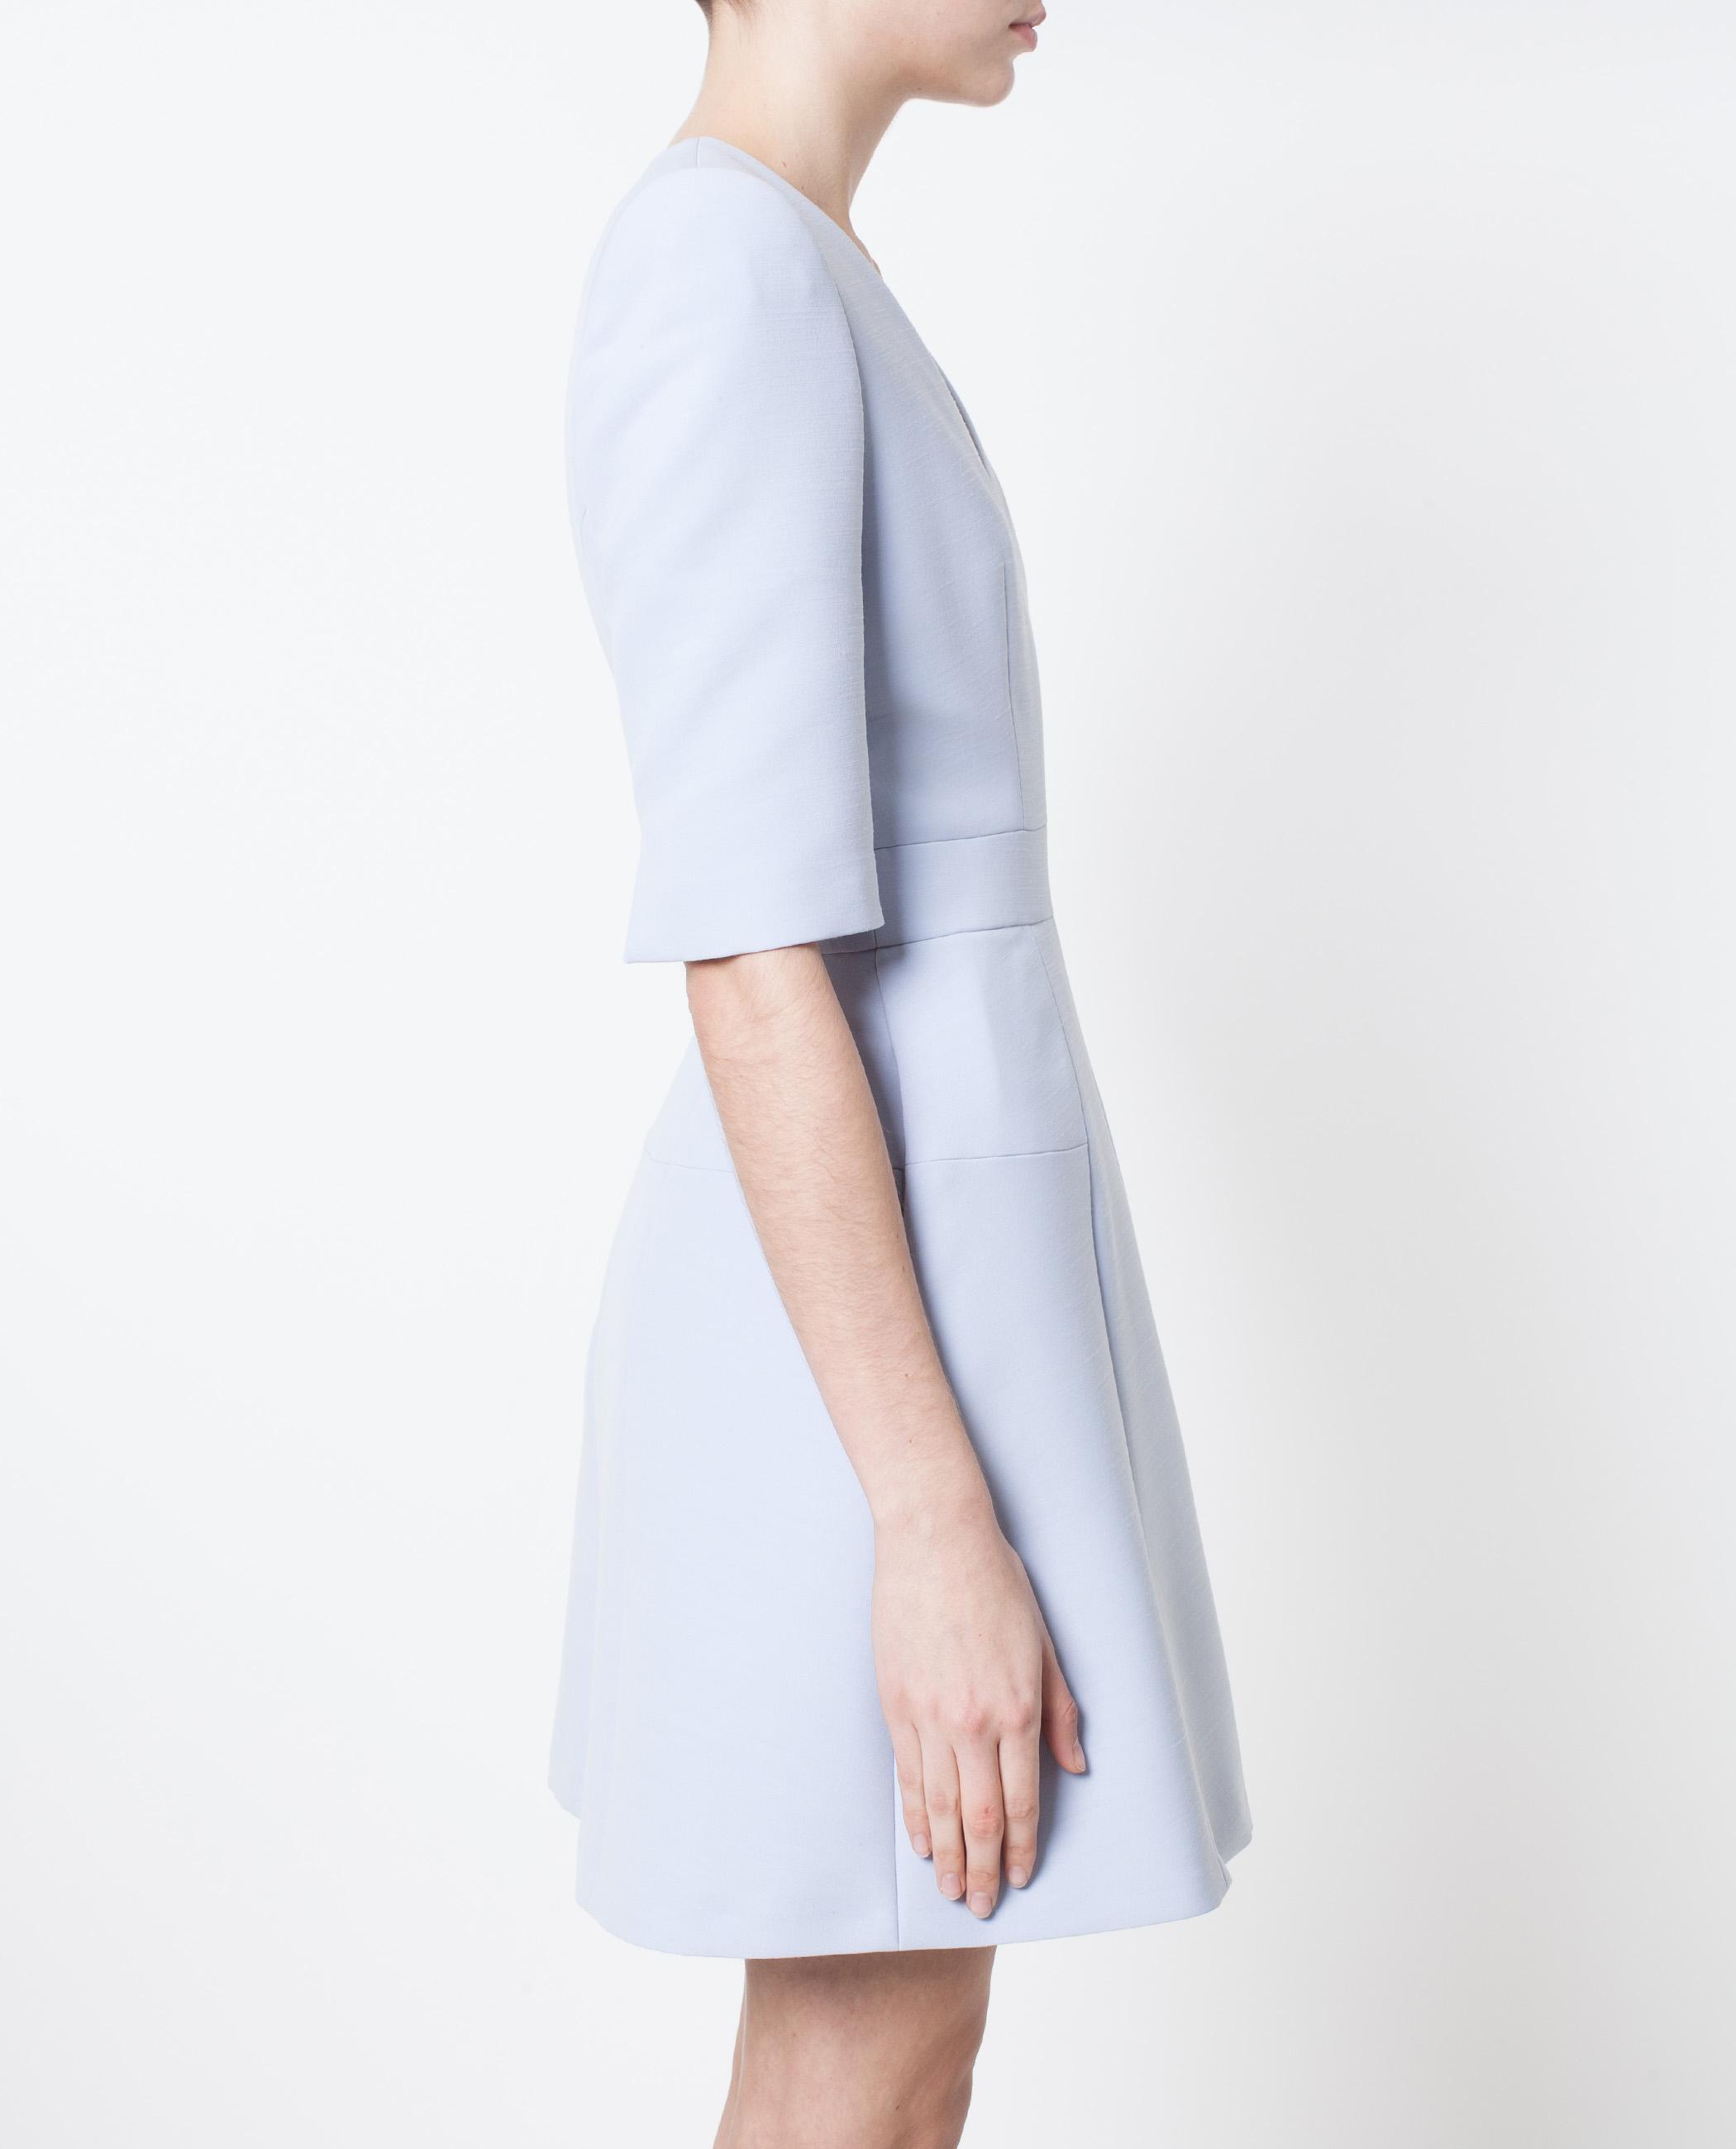 Lyst - Alexander McQueen Box Pleat Wool Mini Dress in Blue 9905dab4c